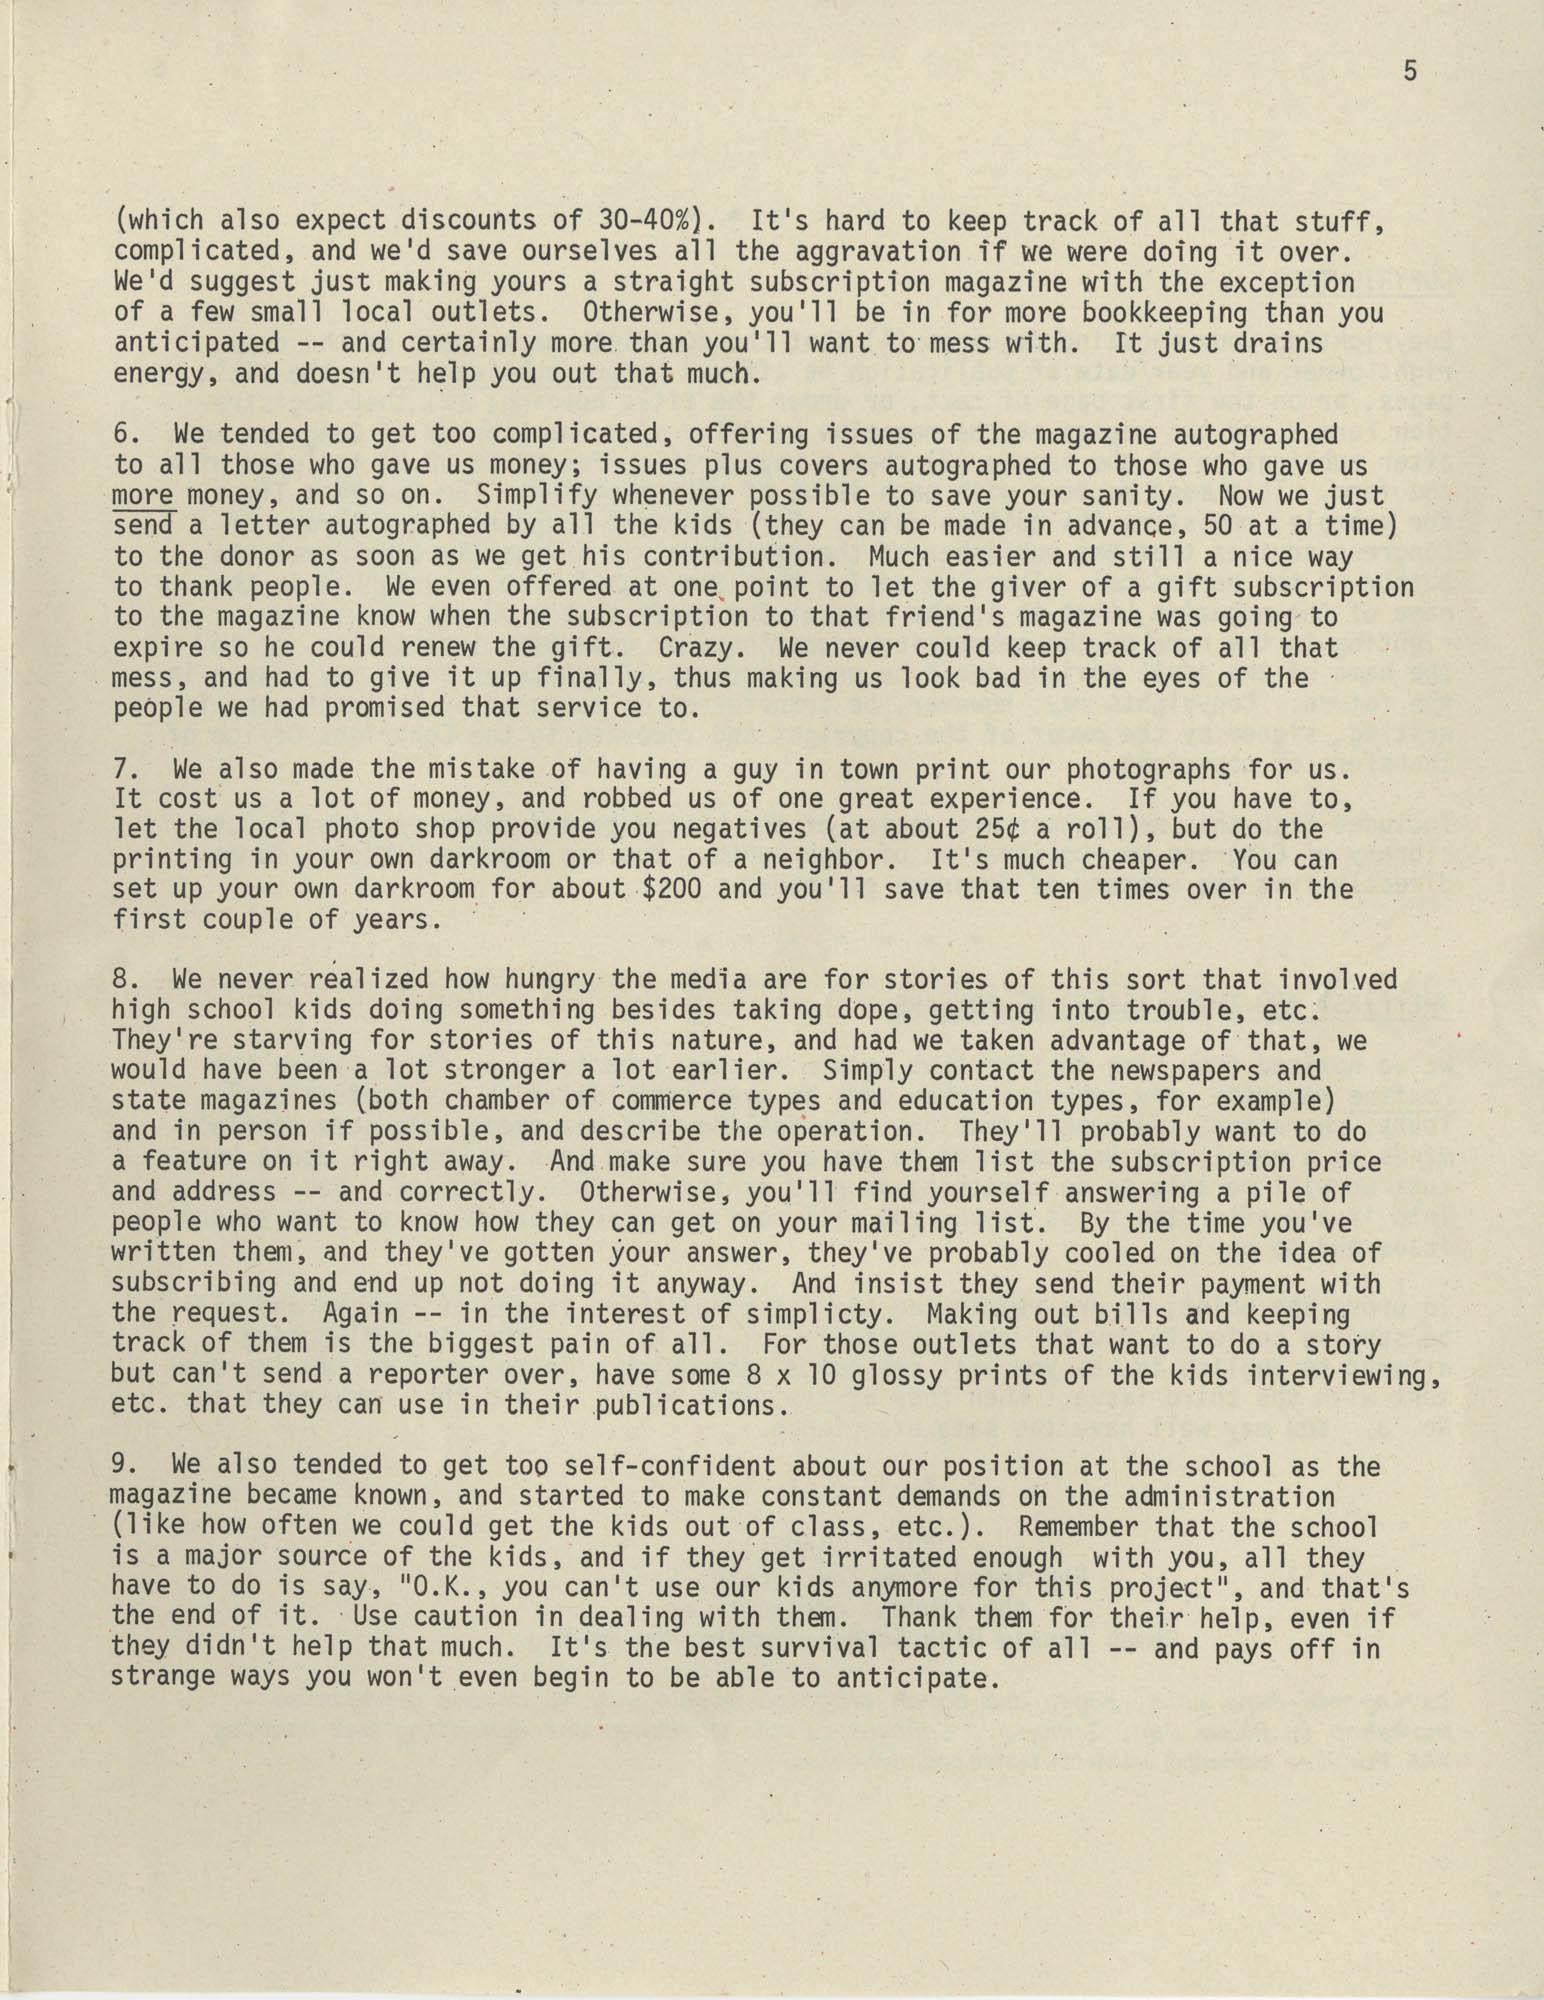 Exchange, Vol. 1, No. 1, Page 5